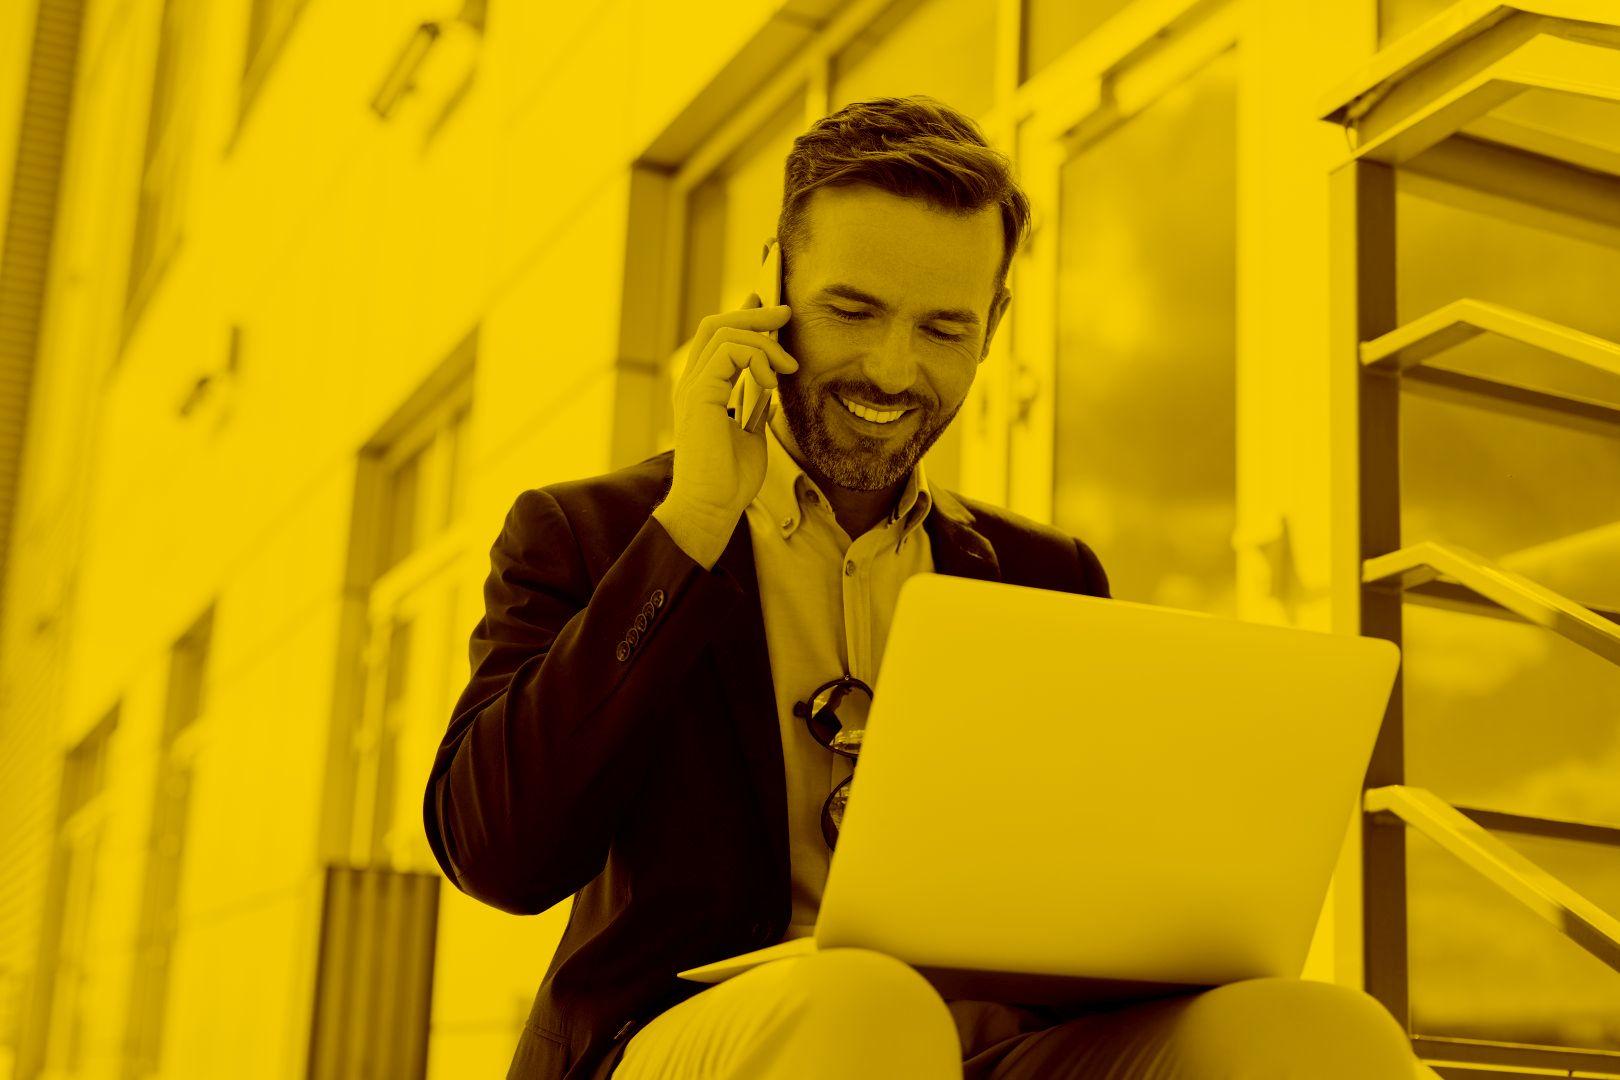 Unternehmer arbeitet auf einer Sitzbank mobil von der maja.cloud